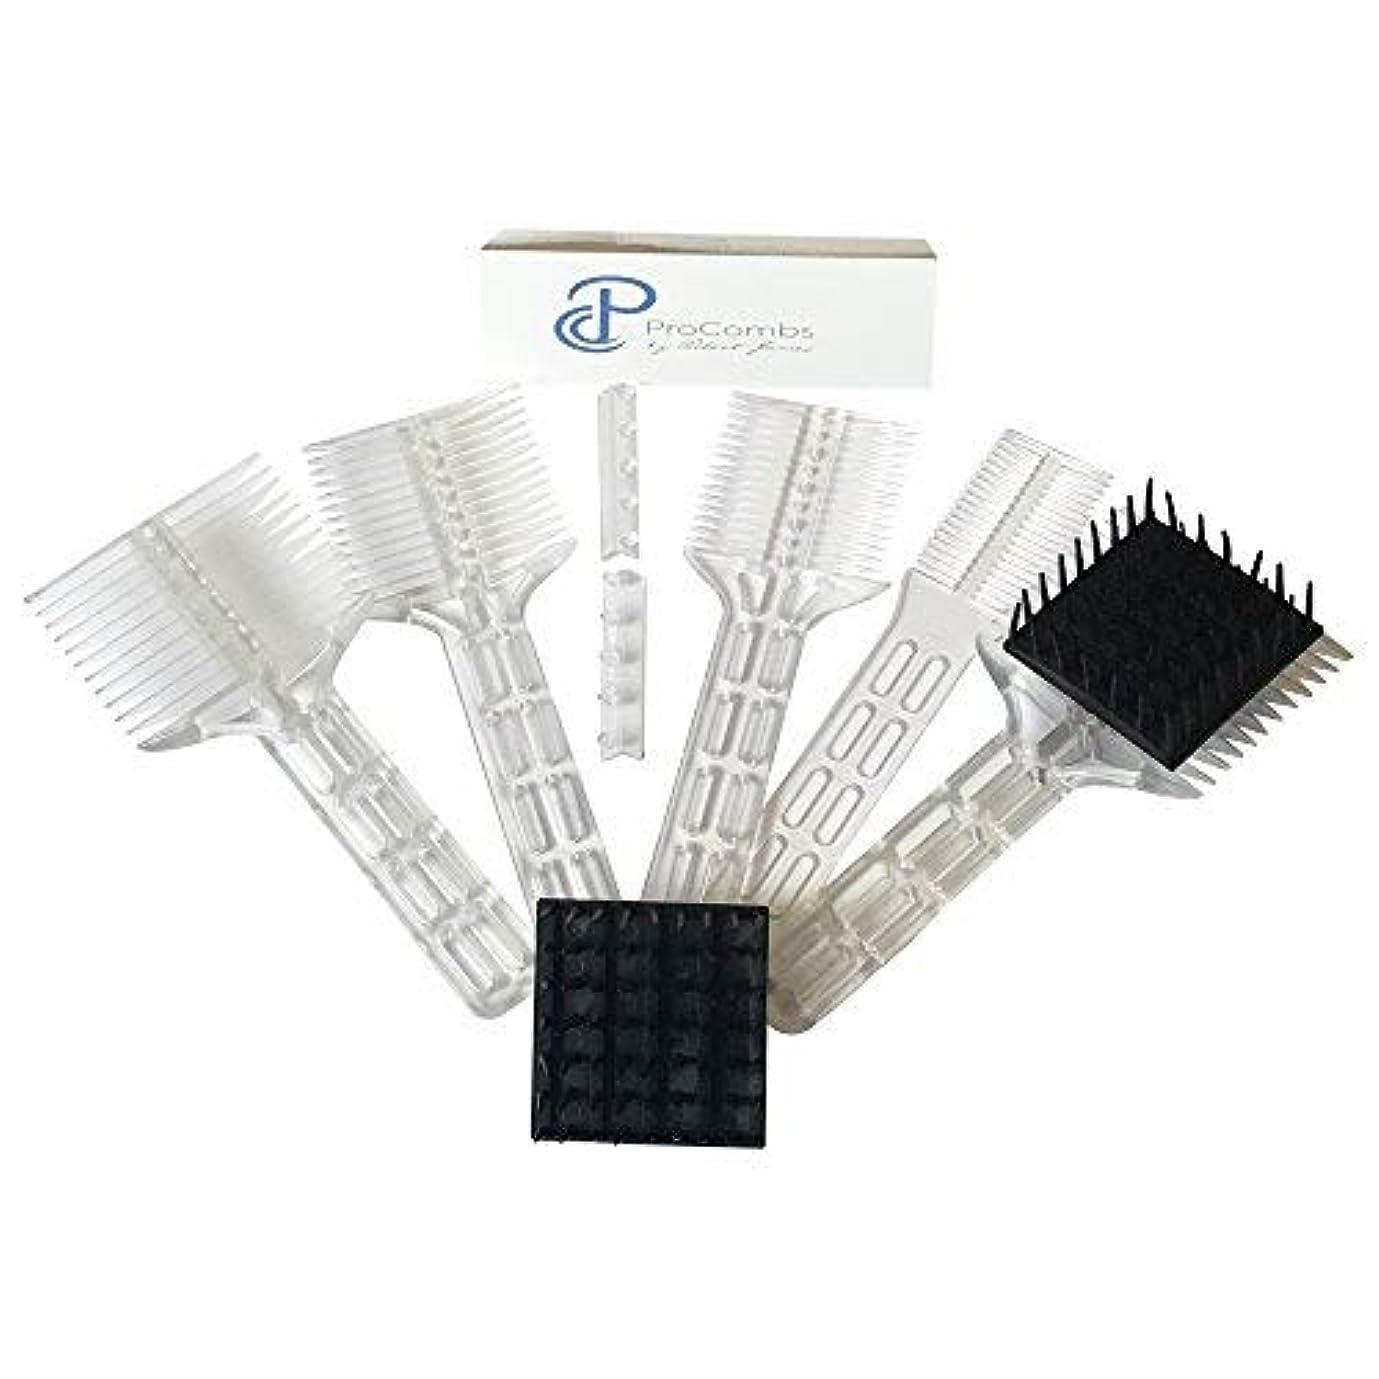 頼む章めるScissor/Clipper Over Comb Tool For The Perfect Haircut [並行輸入品]